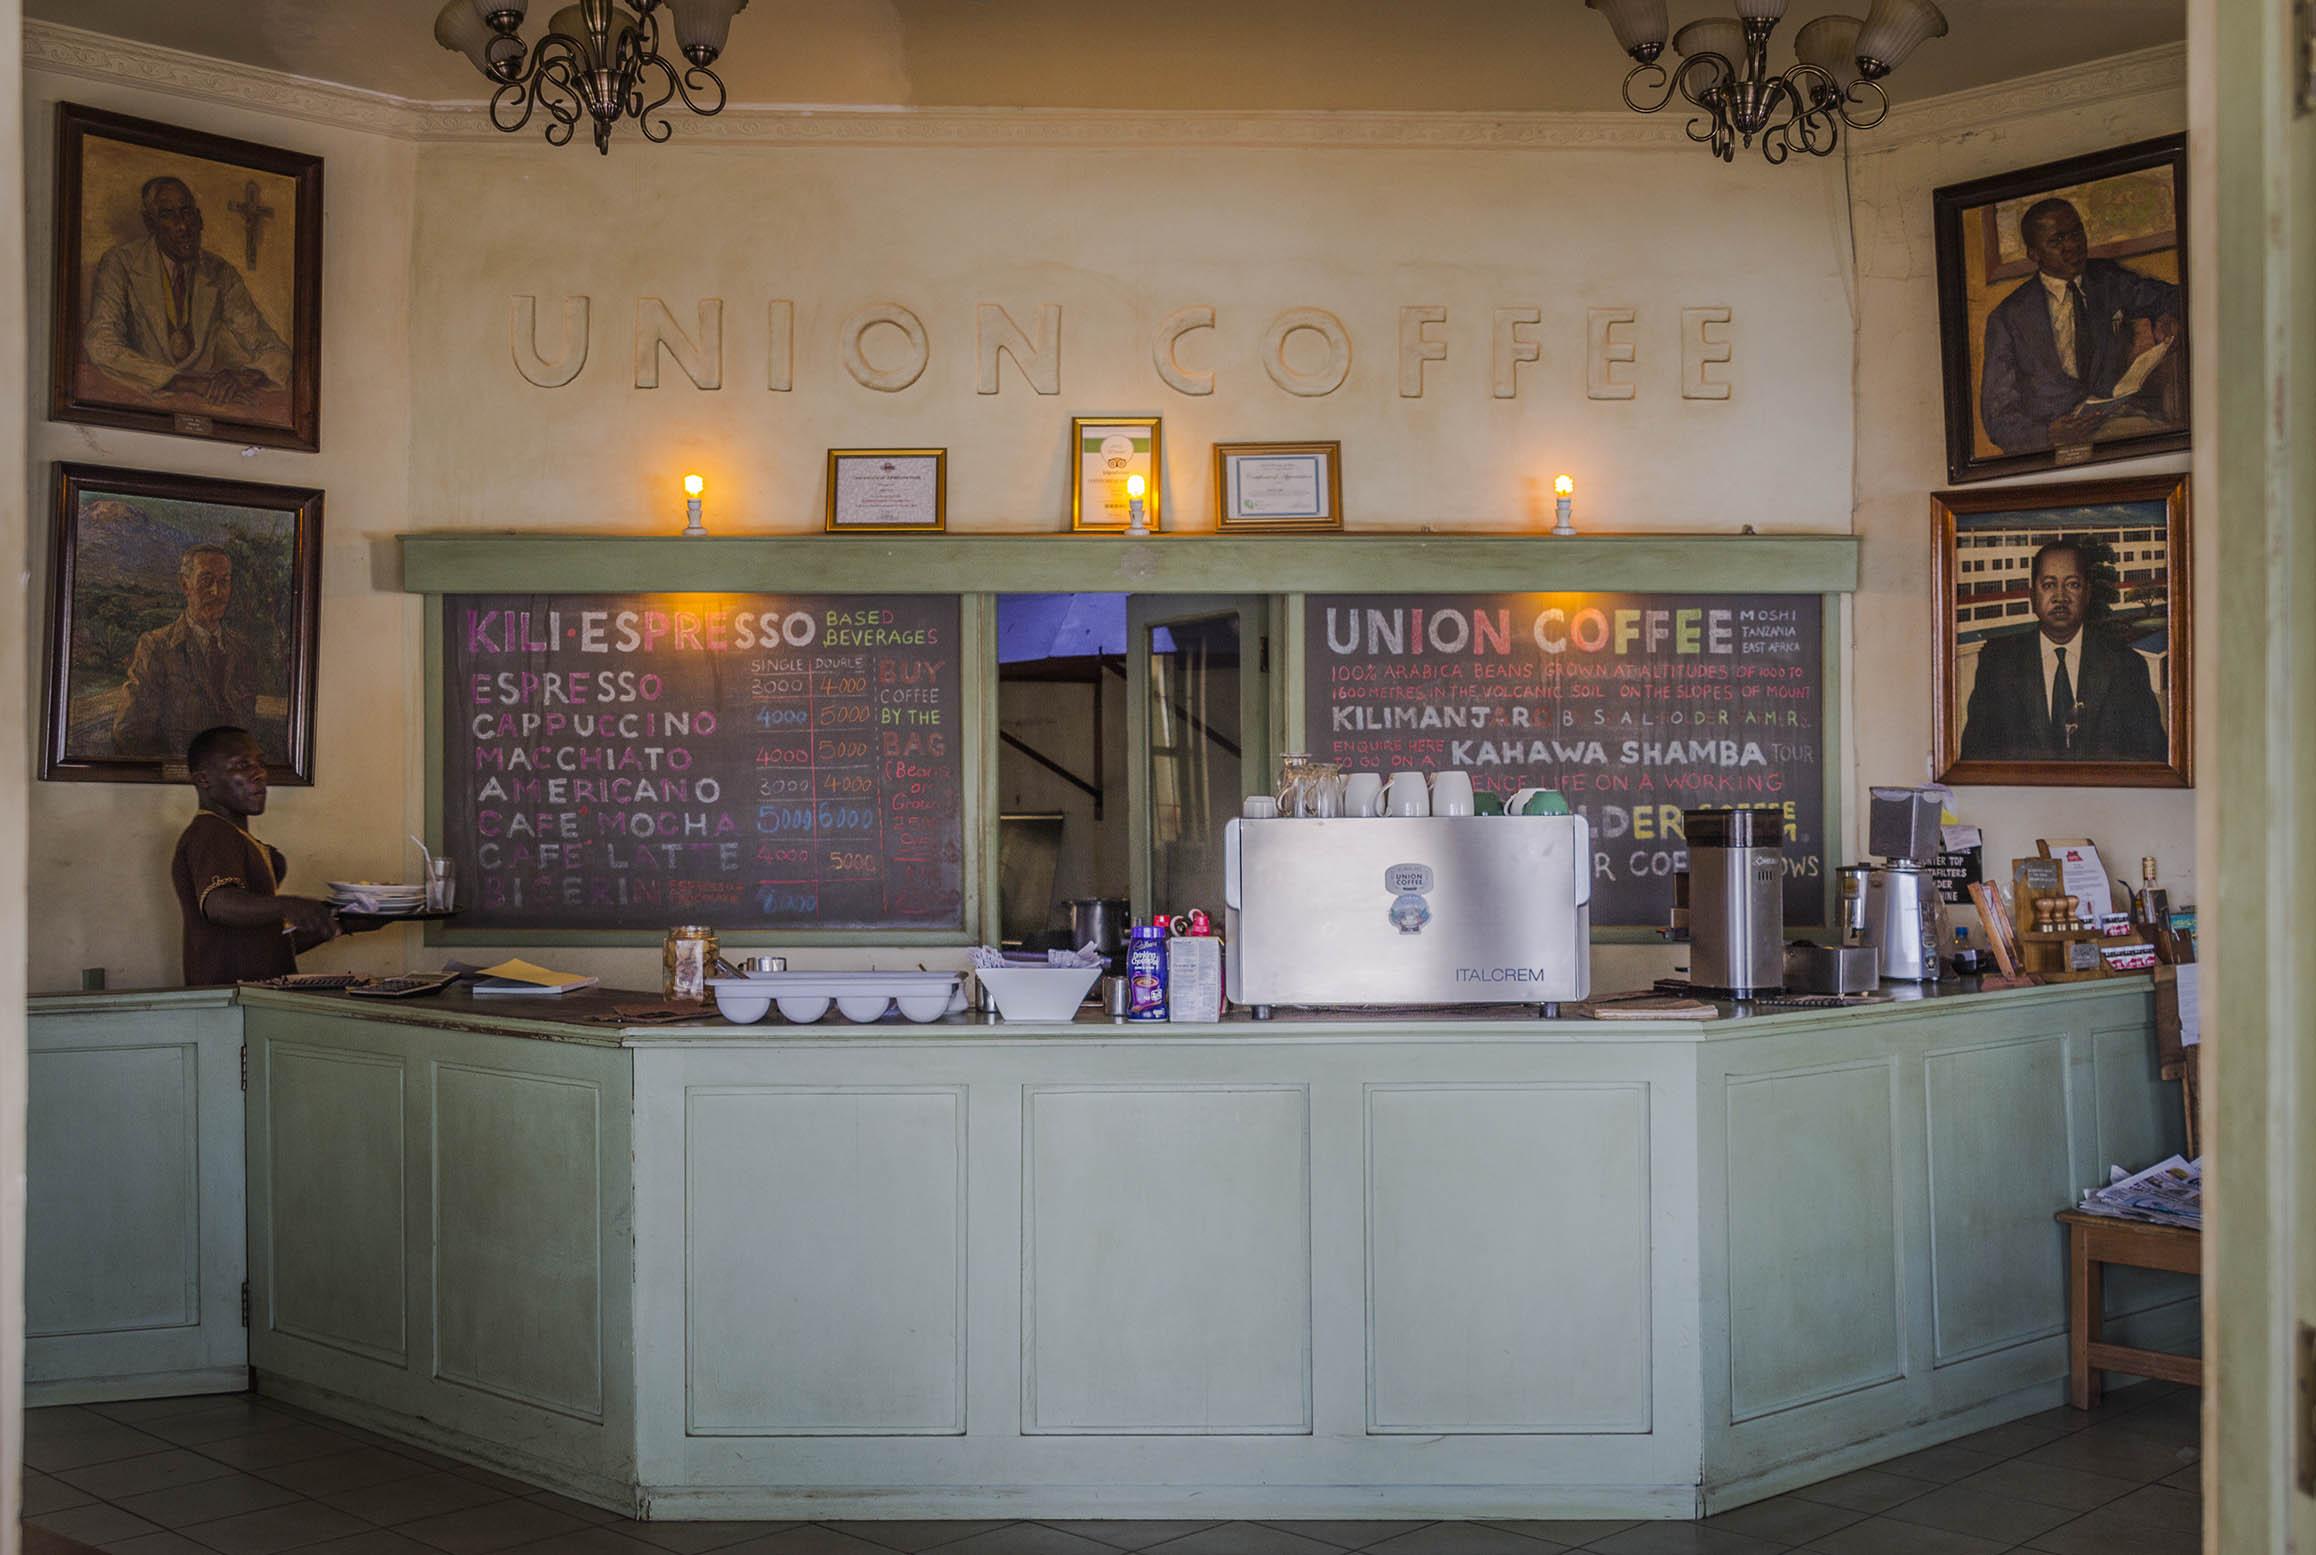 Union Coffee.  Nuestro café favorito en Moshi.